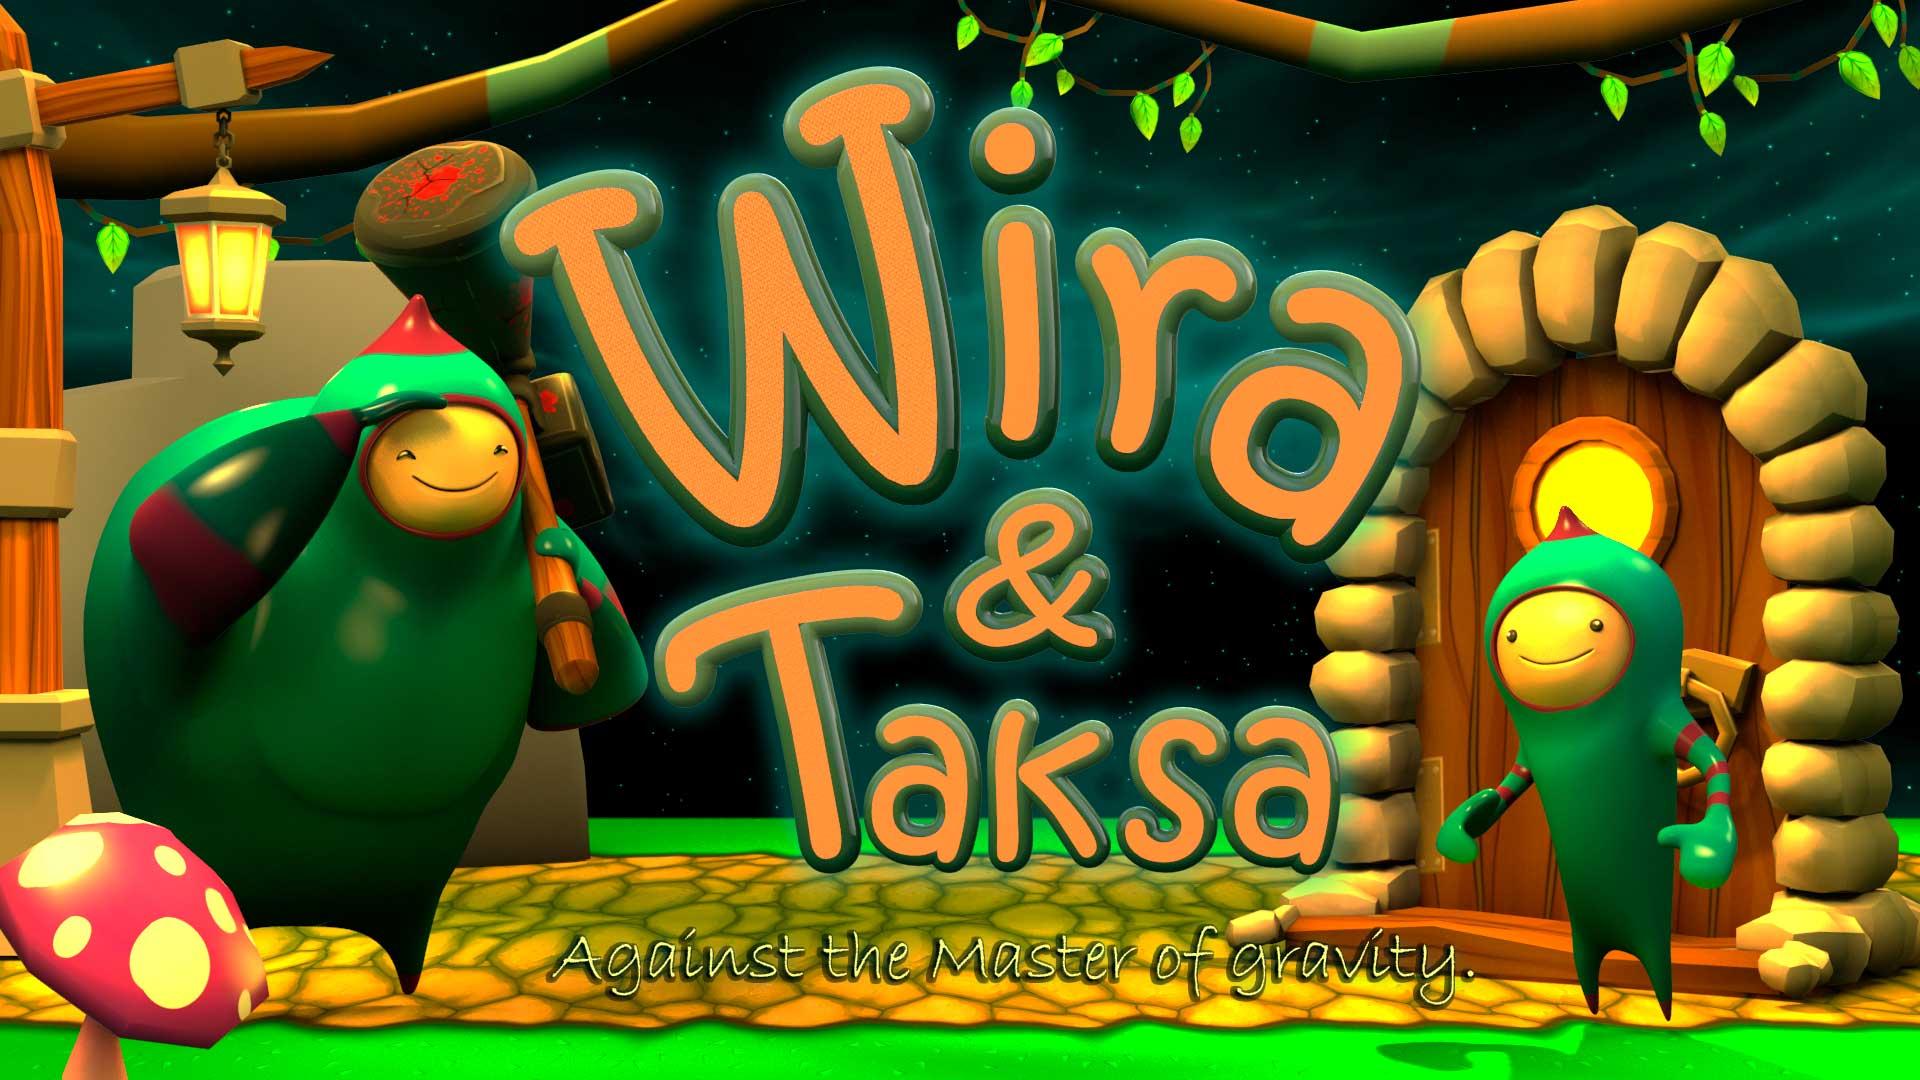 wira_and_taska-1